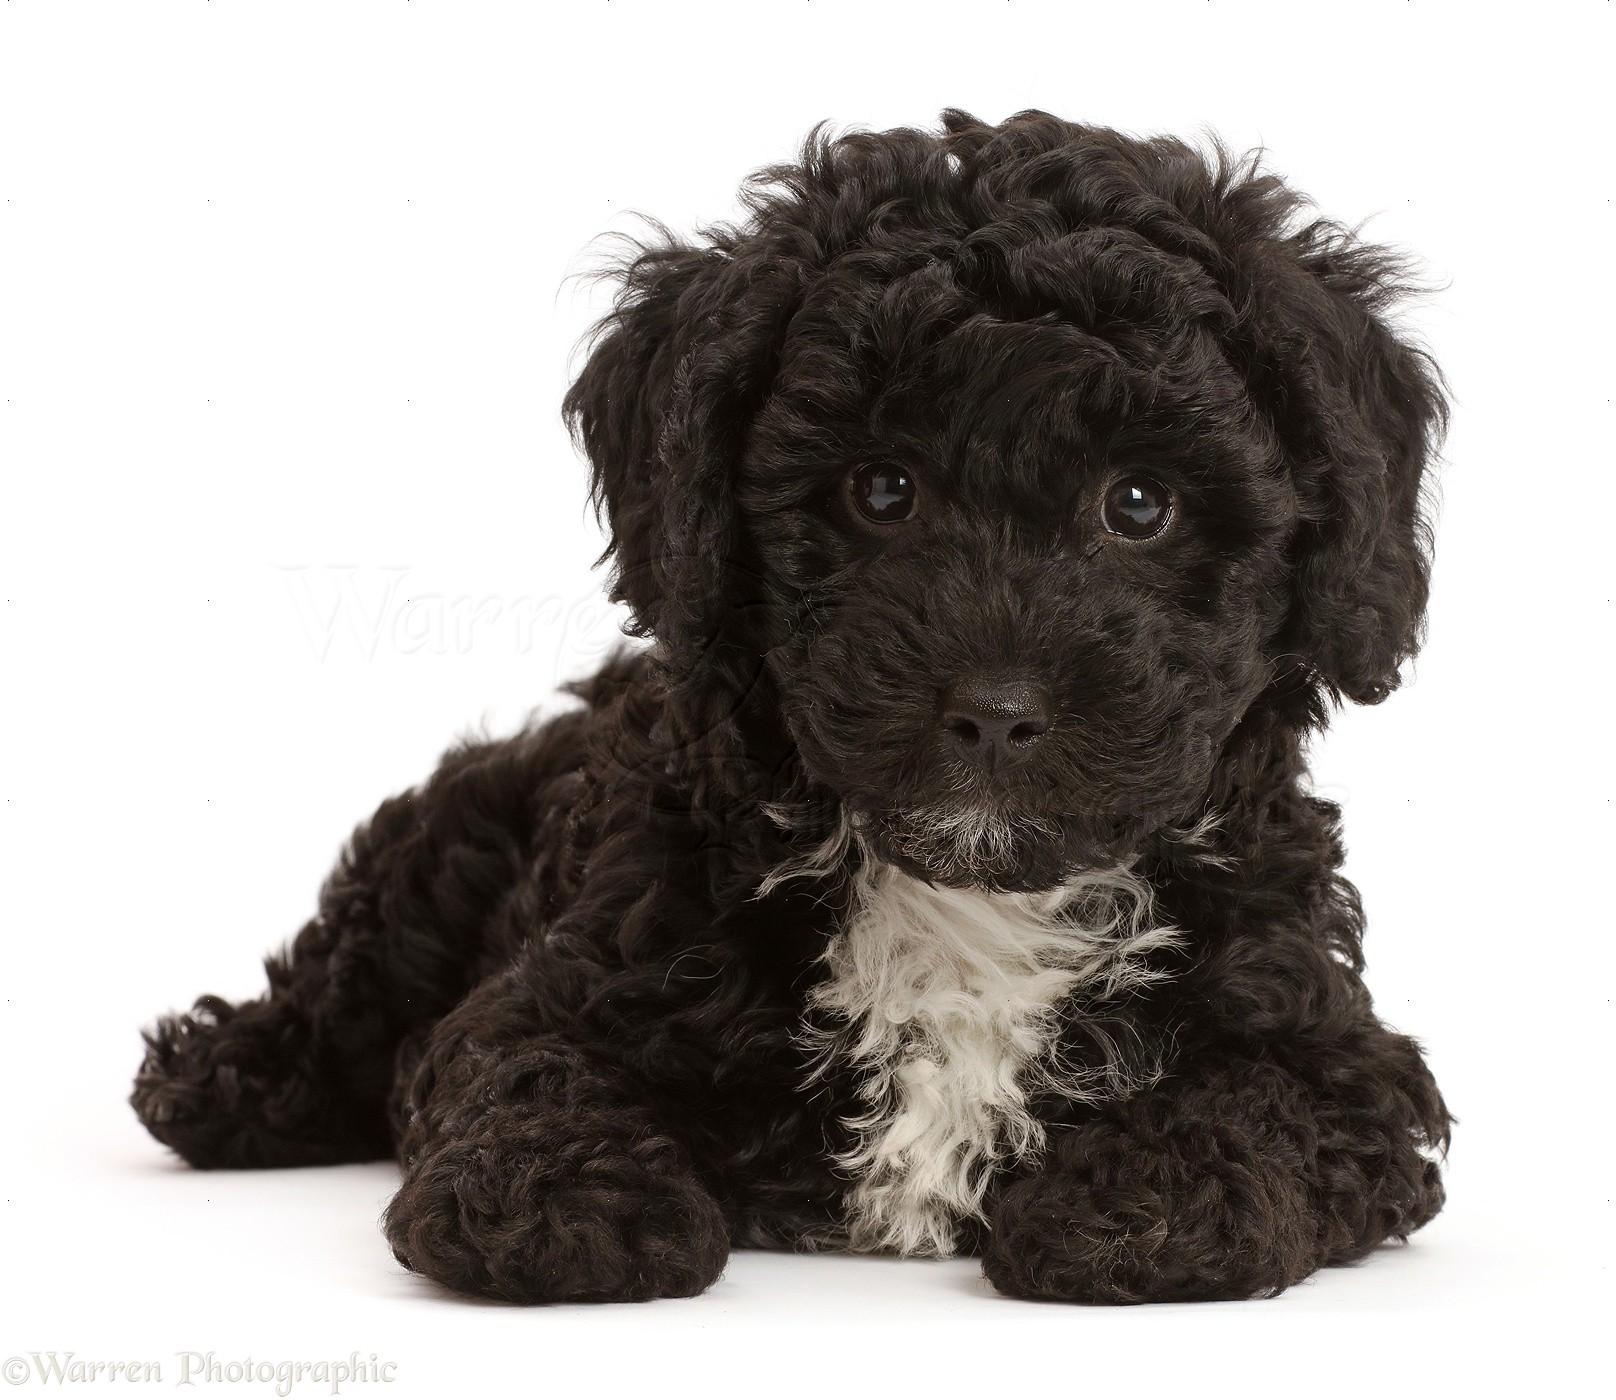 Dog Black Poodle Cross Puppy Photo Wp46947